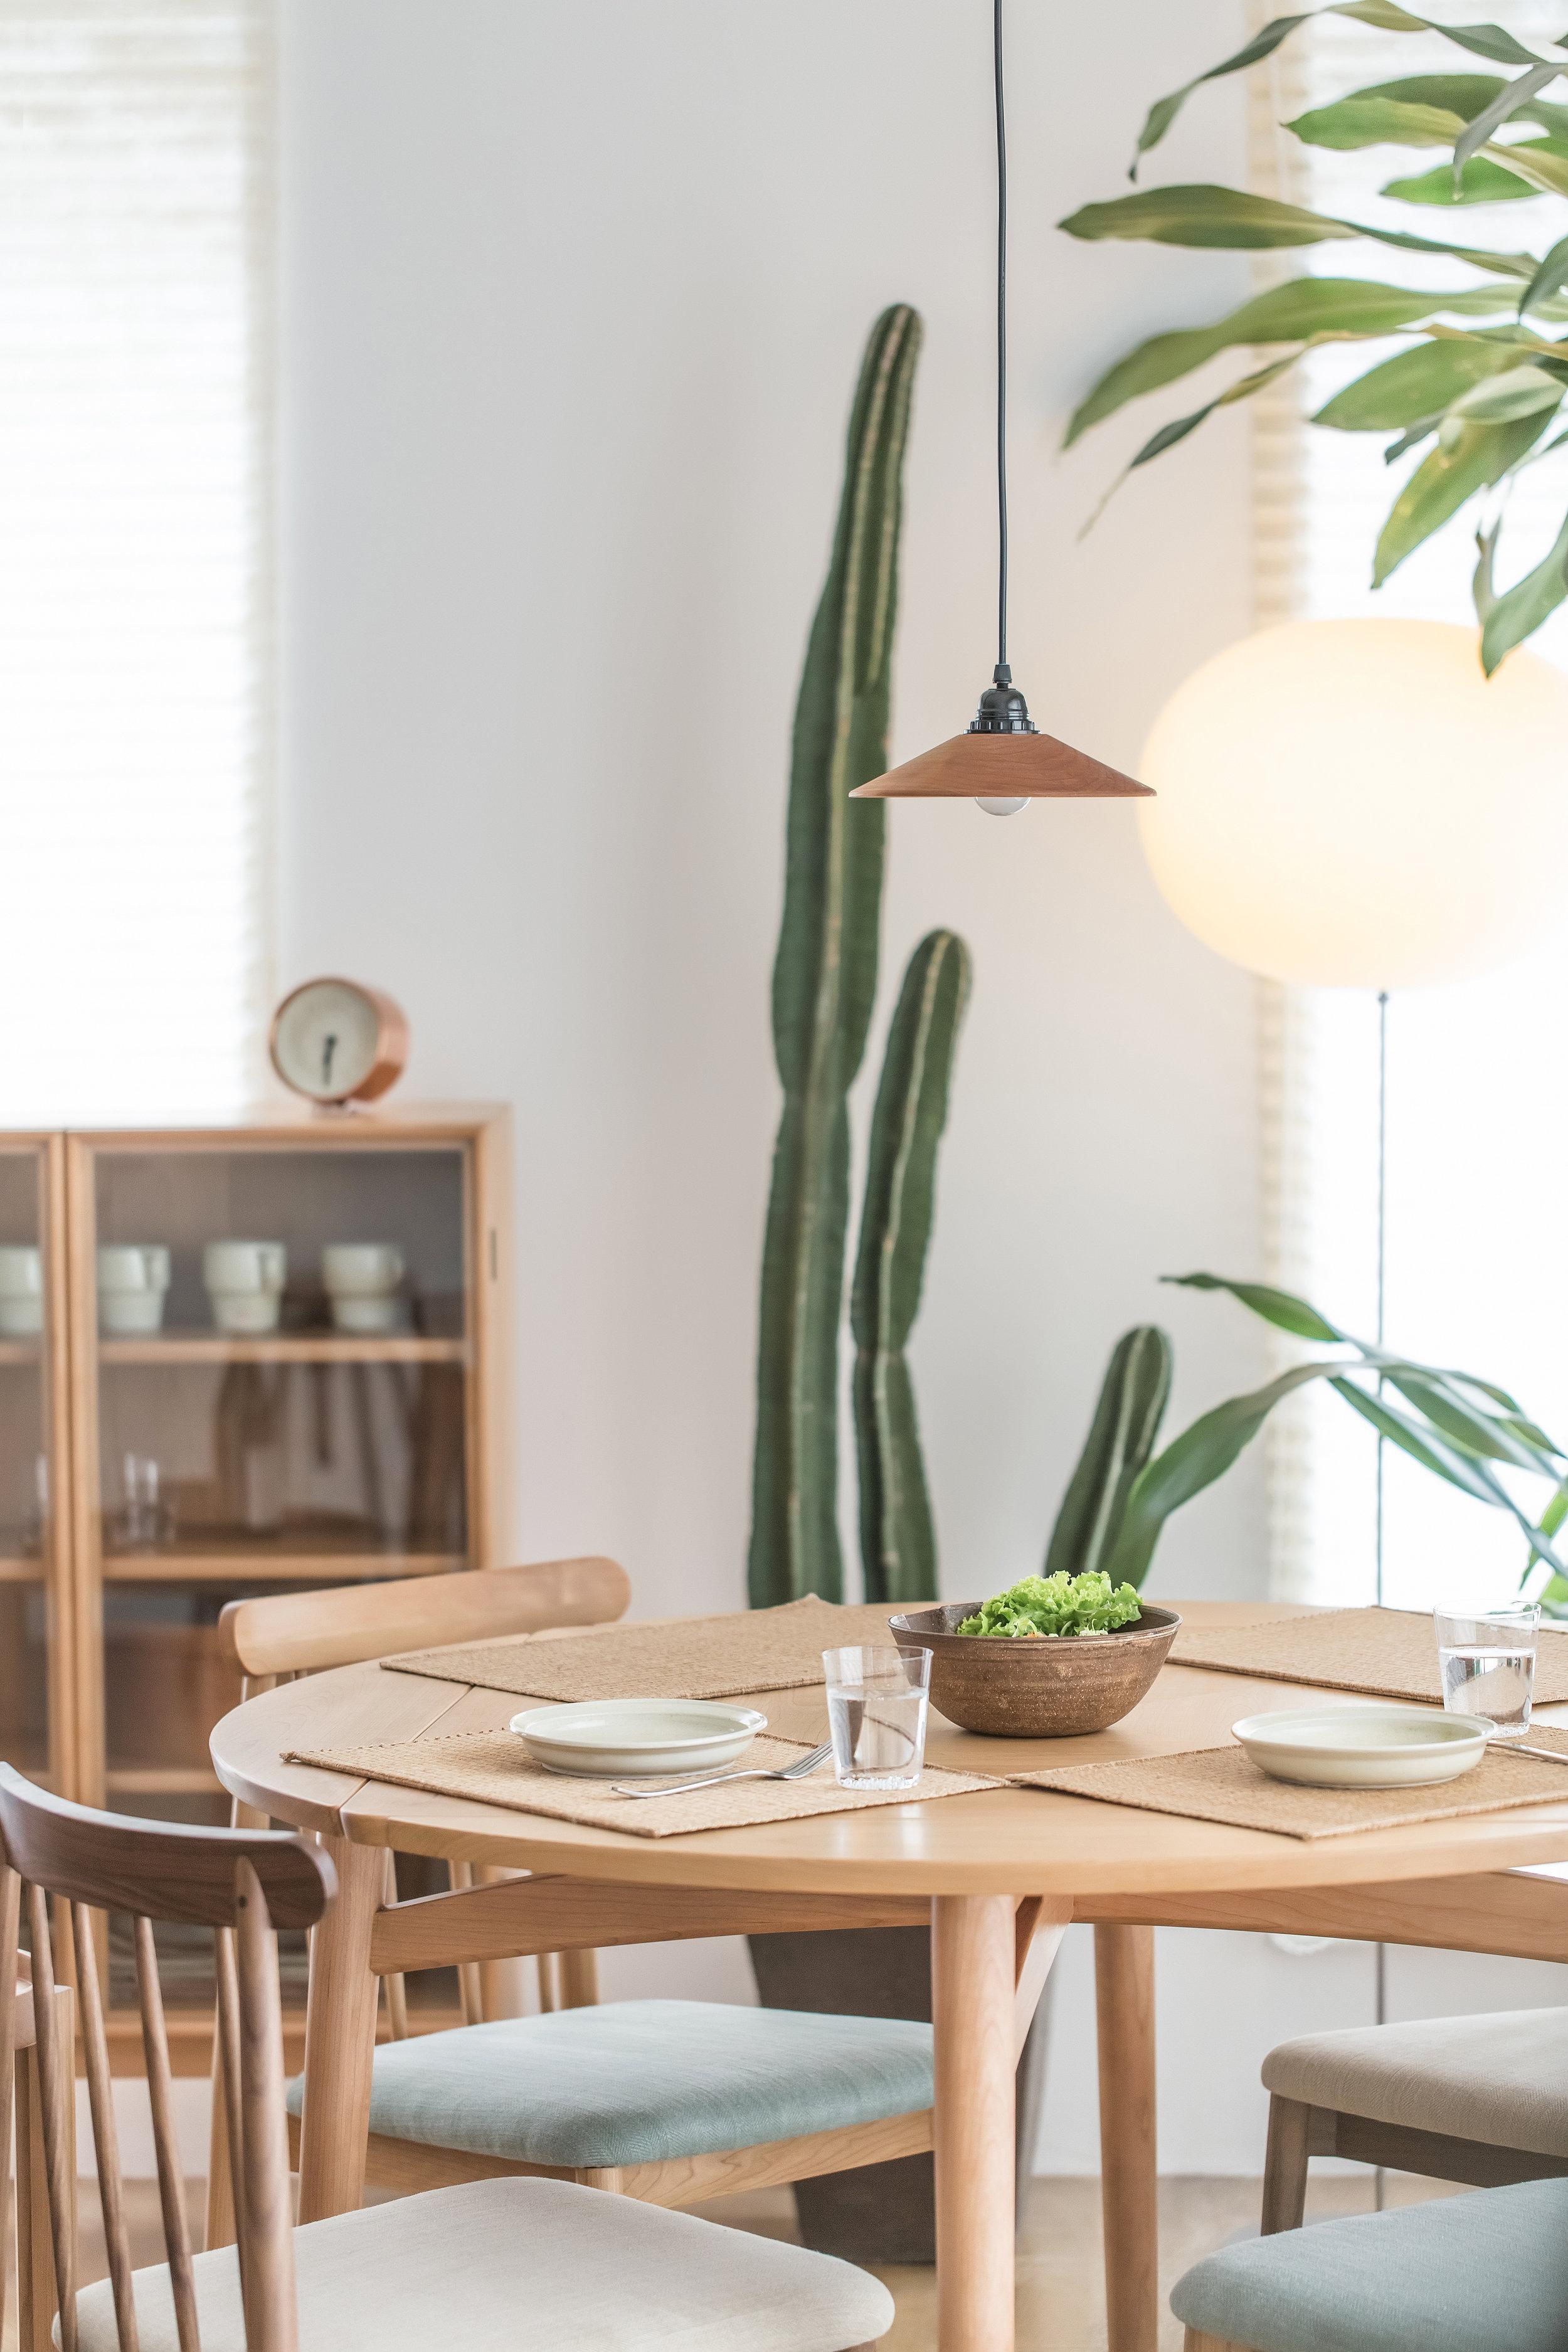 Pantone-Greenery-Home-Decor.jpg